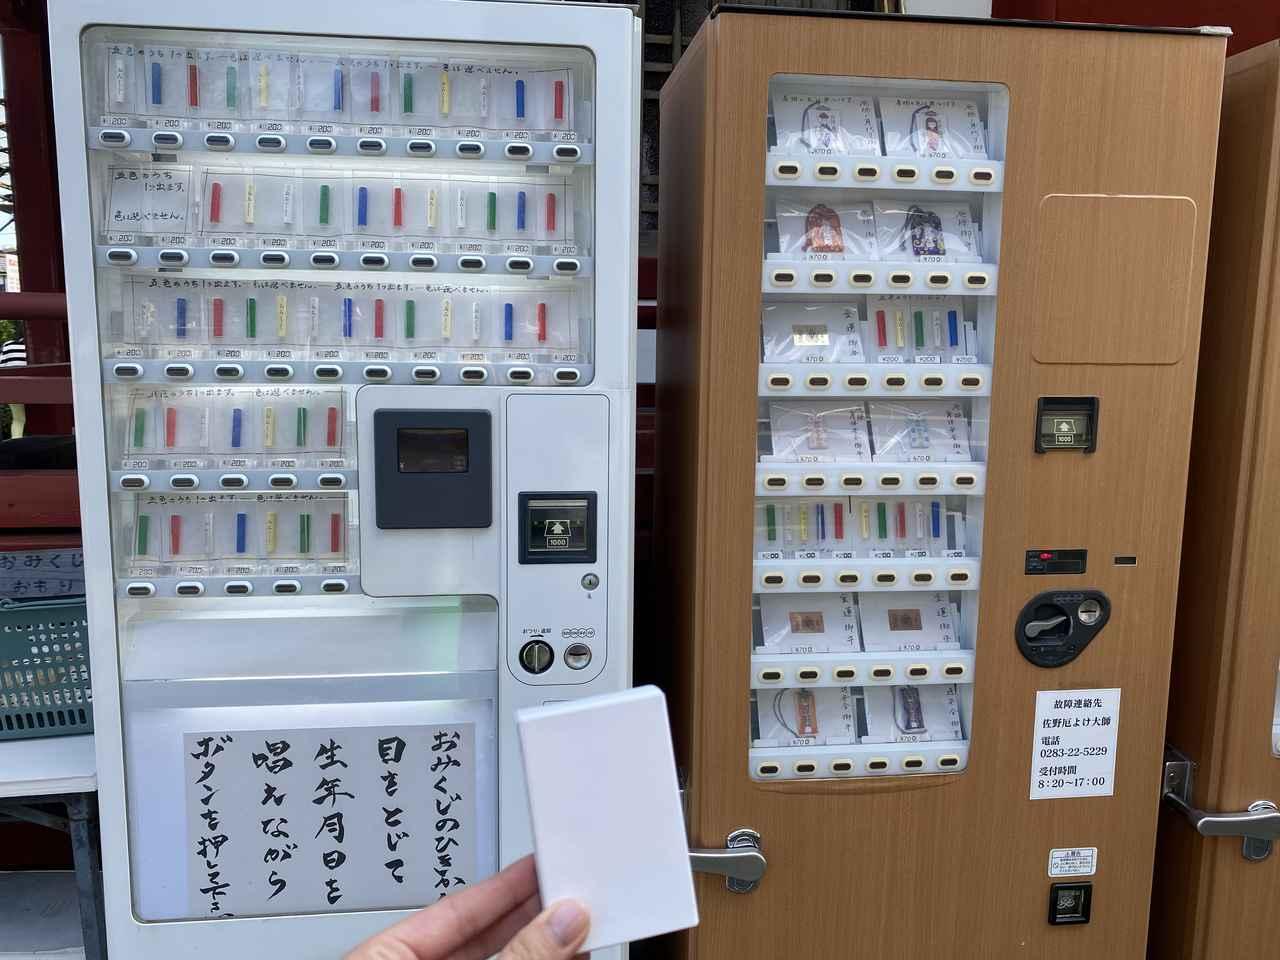 画像: 自販機のおみくじ。白い箱に入って落ちてきます。